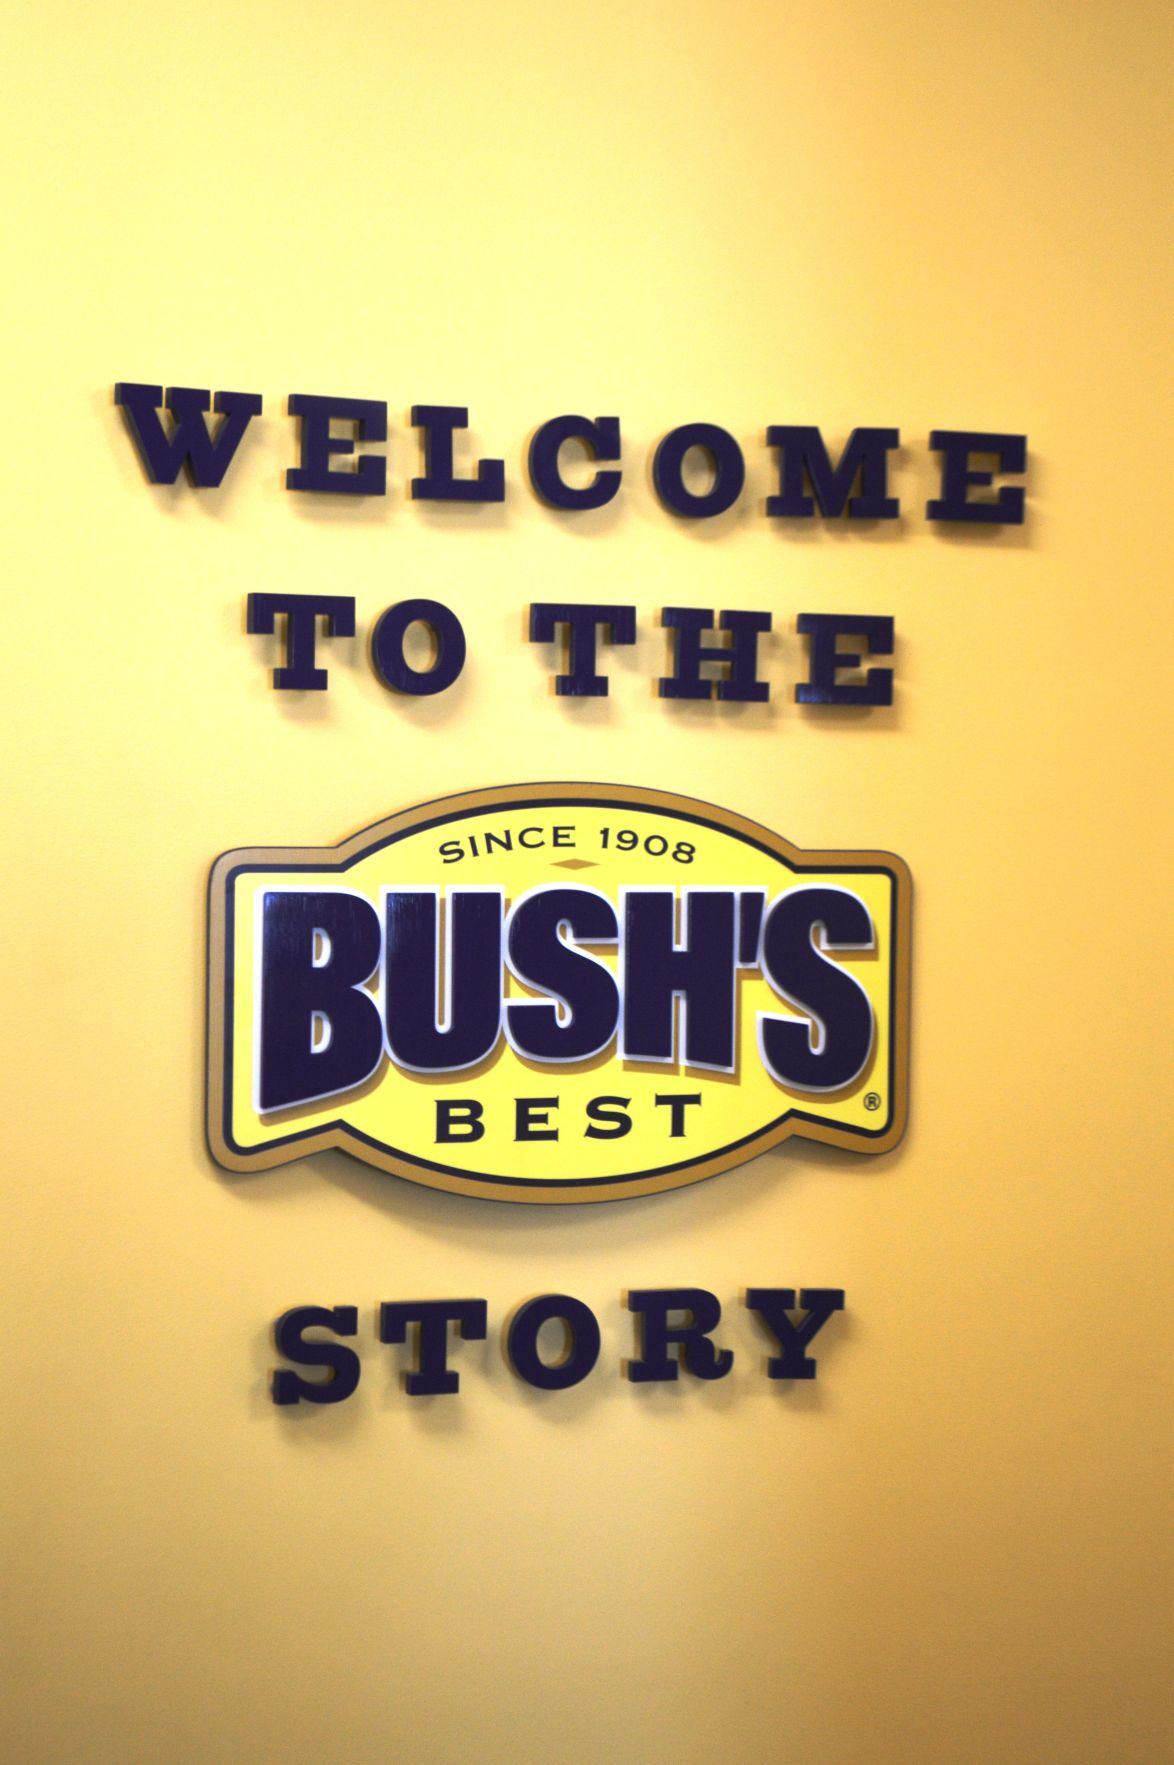 BUSH-10